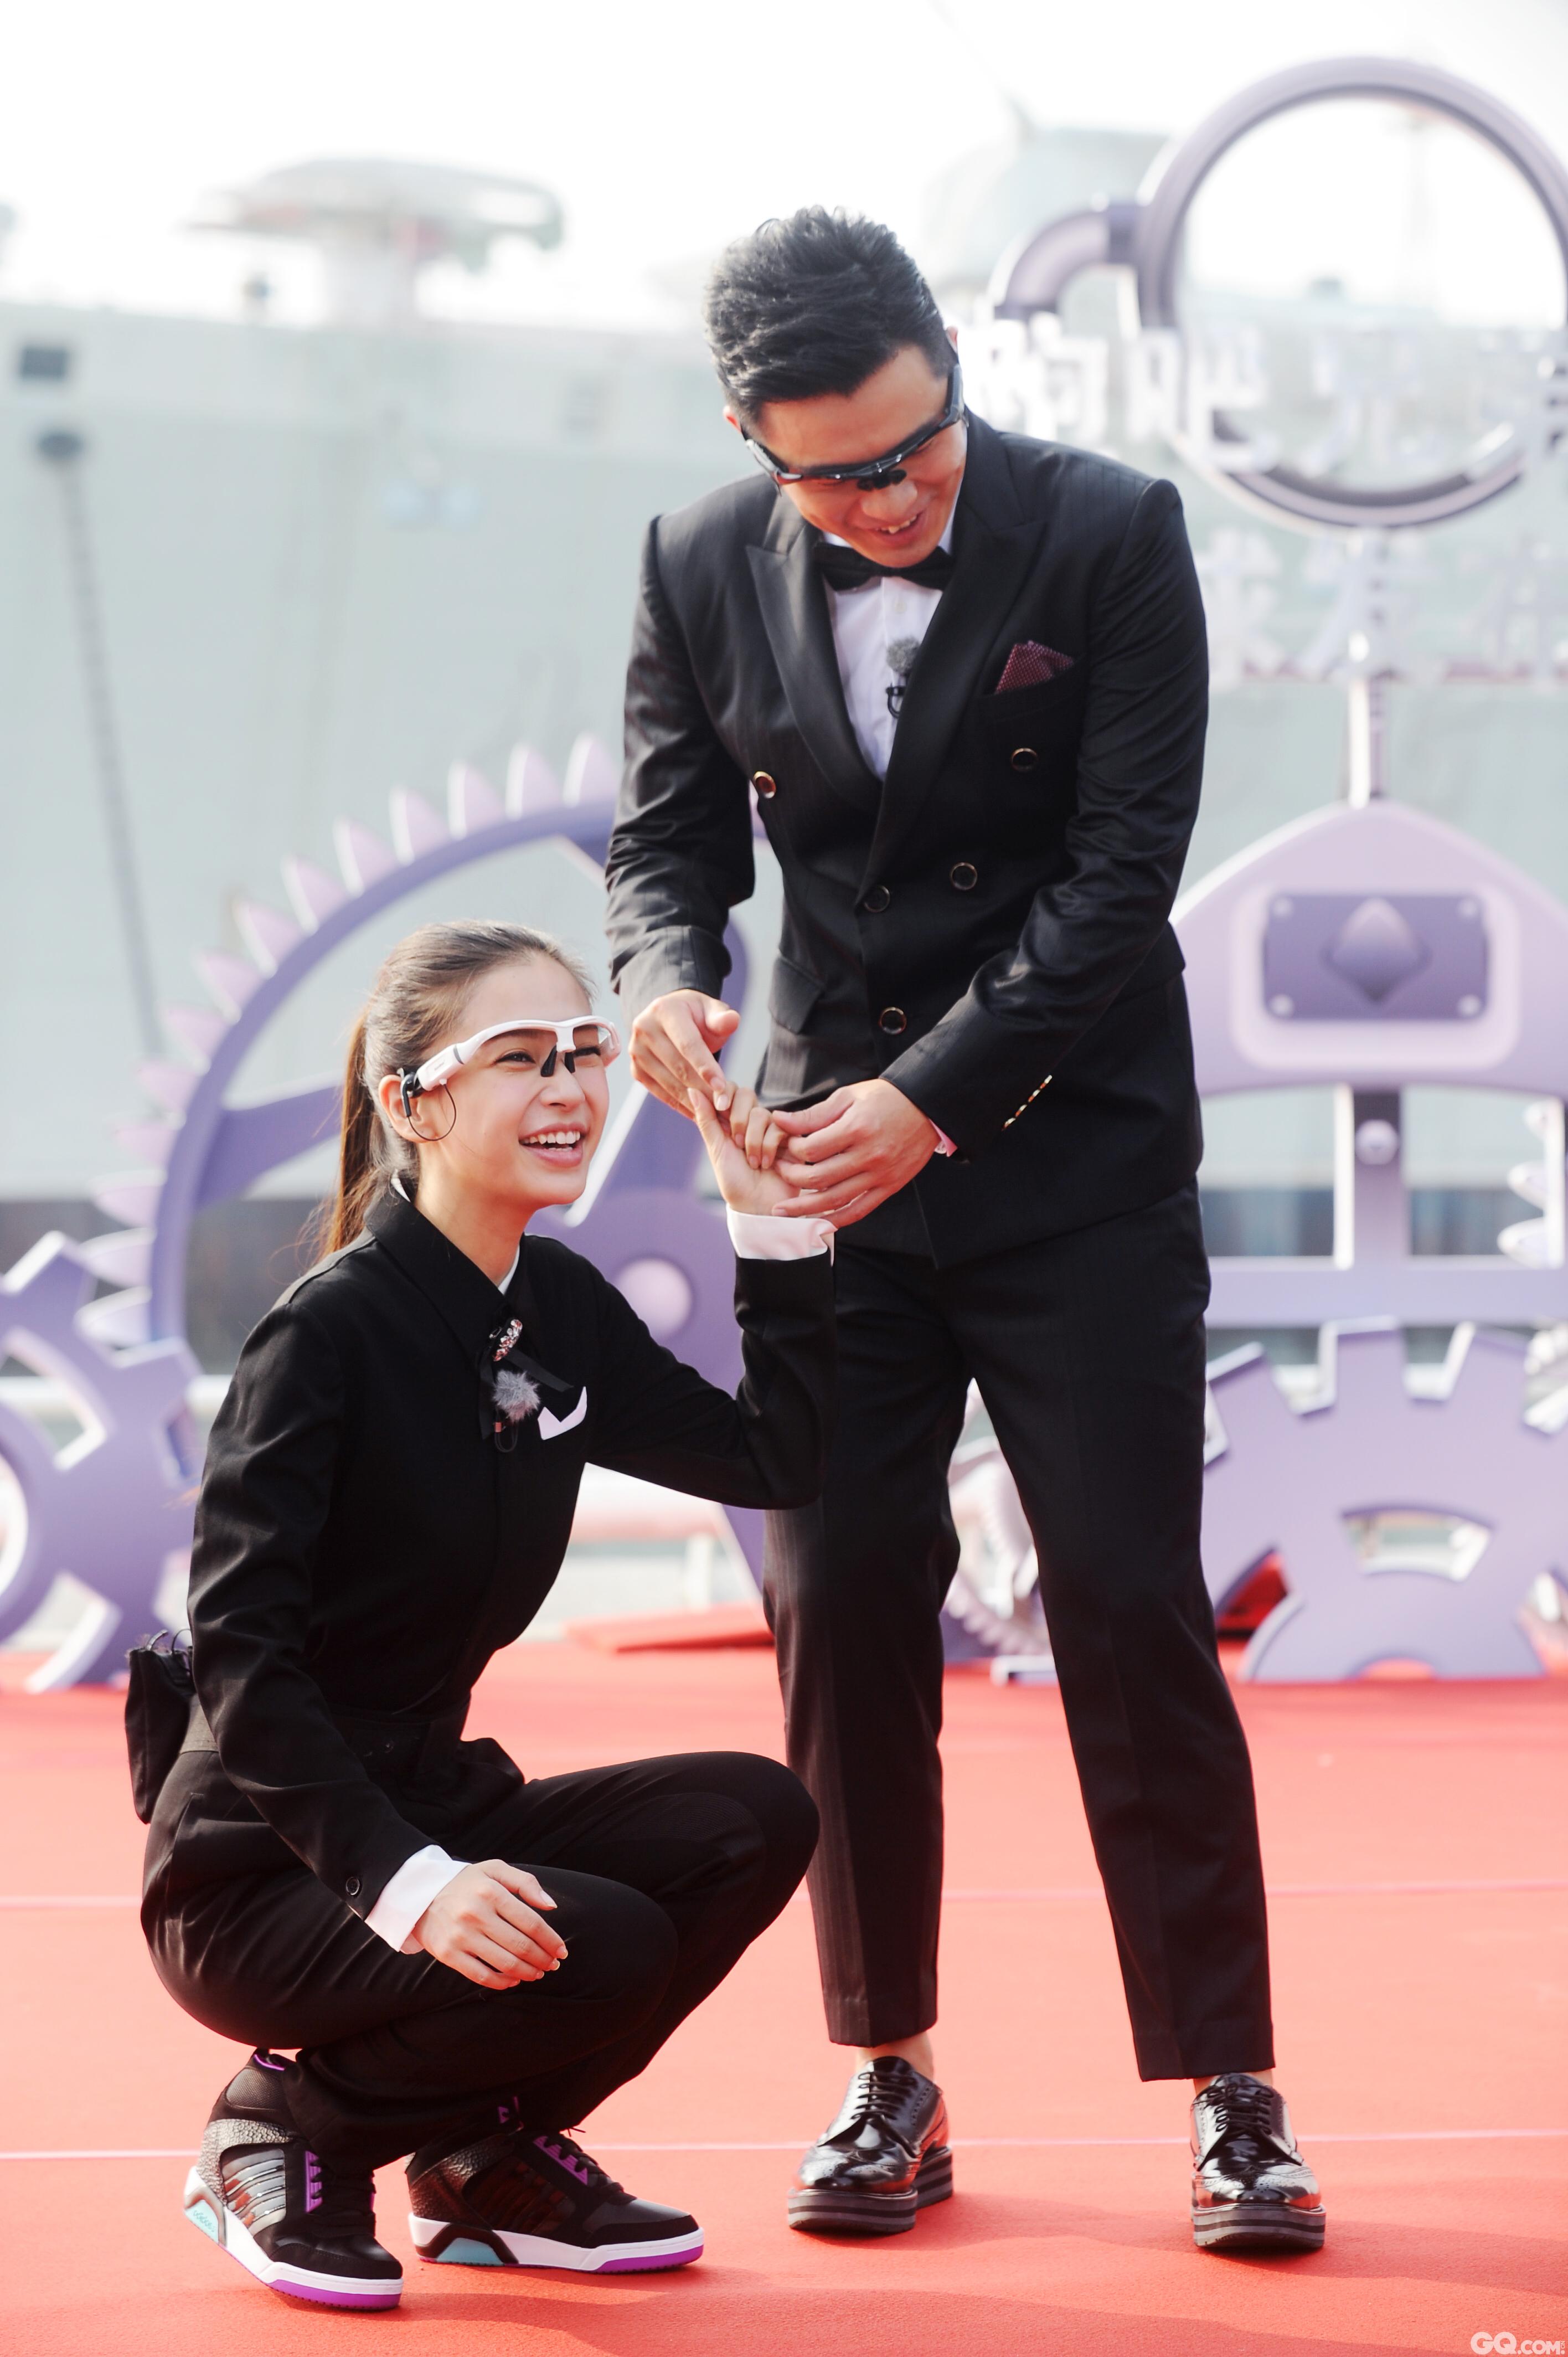 据悉,《奔跑吧兄弟》第五季,将于2月20日至24日期间在杭州、上海进行首录。Angelababy确认缺席首次录制,后续是否回归待定中.